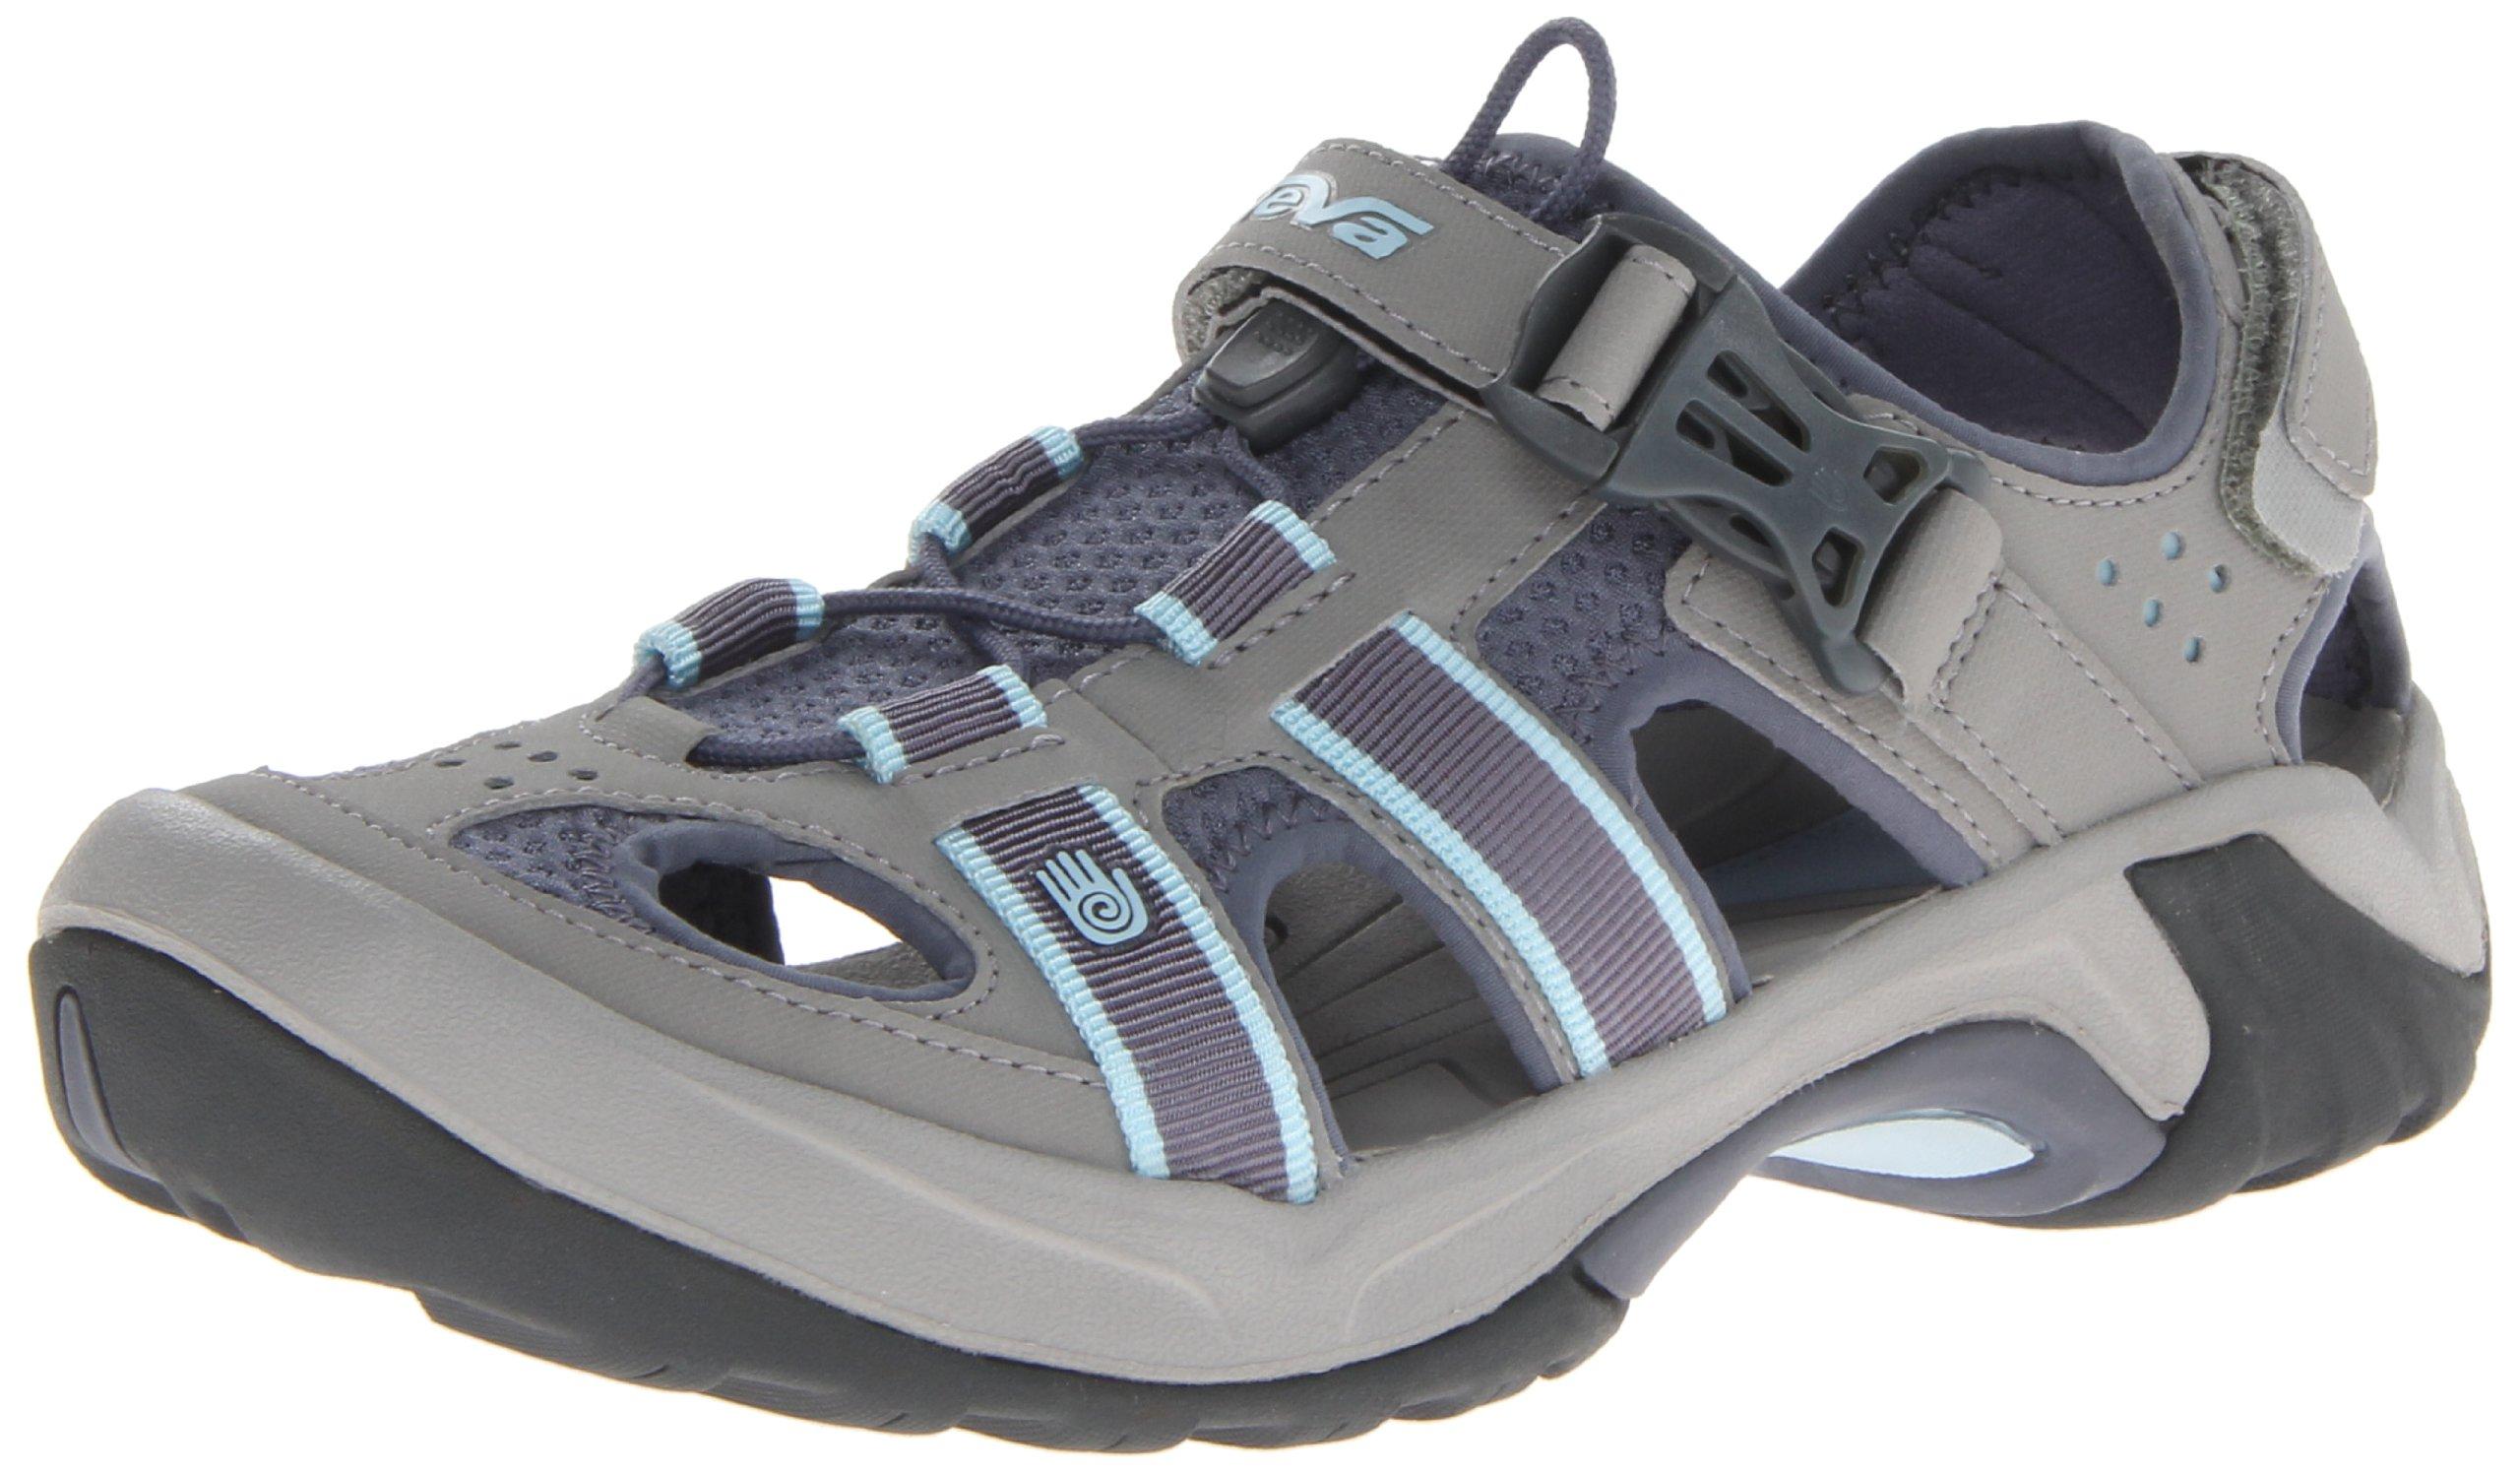 Teva Women's Omnium Sandal,Slate,7.5 M US